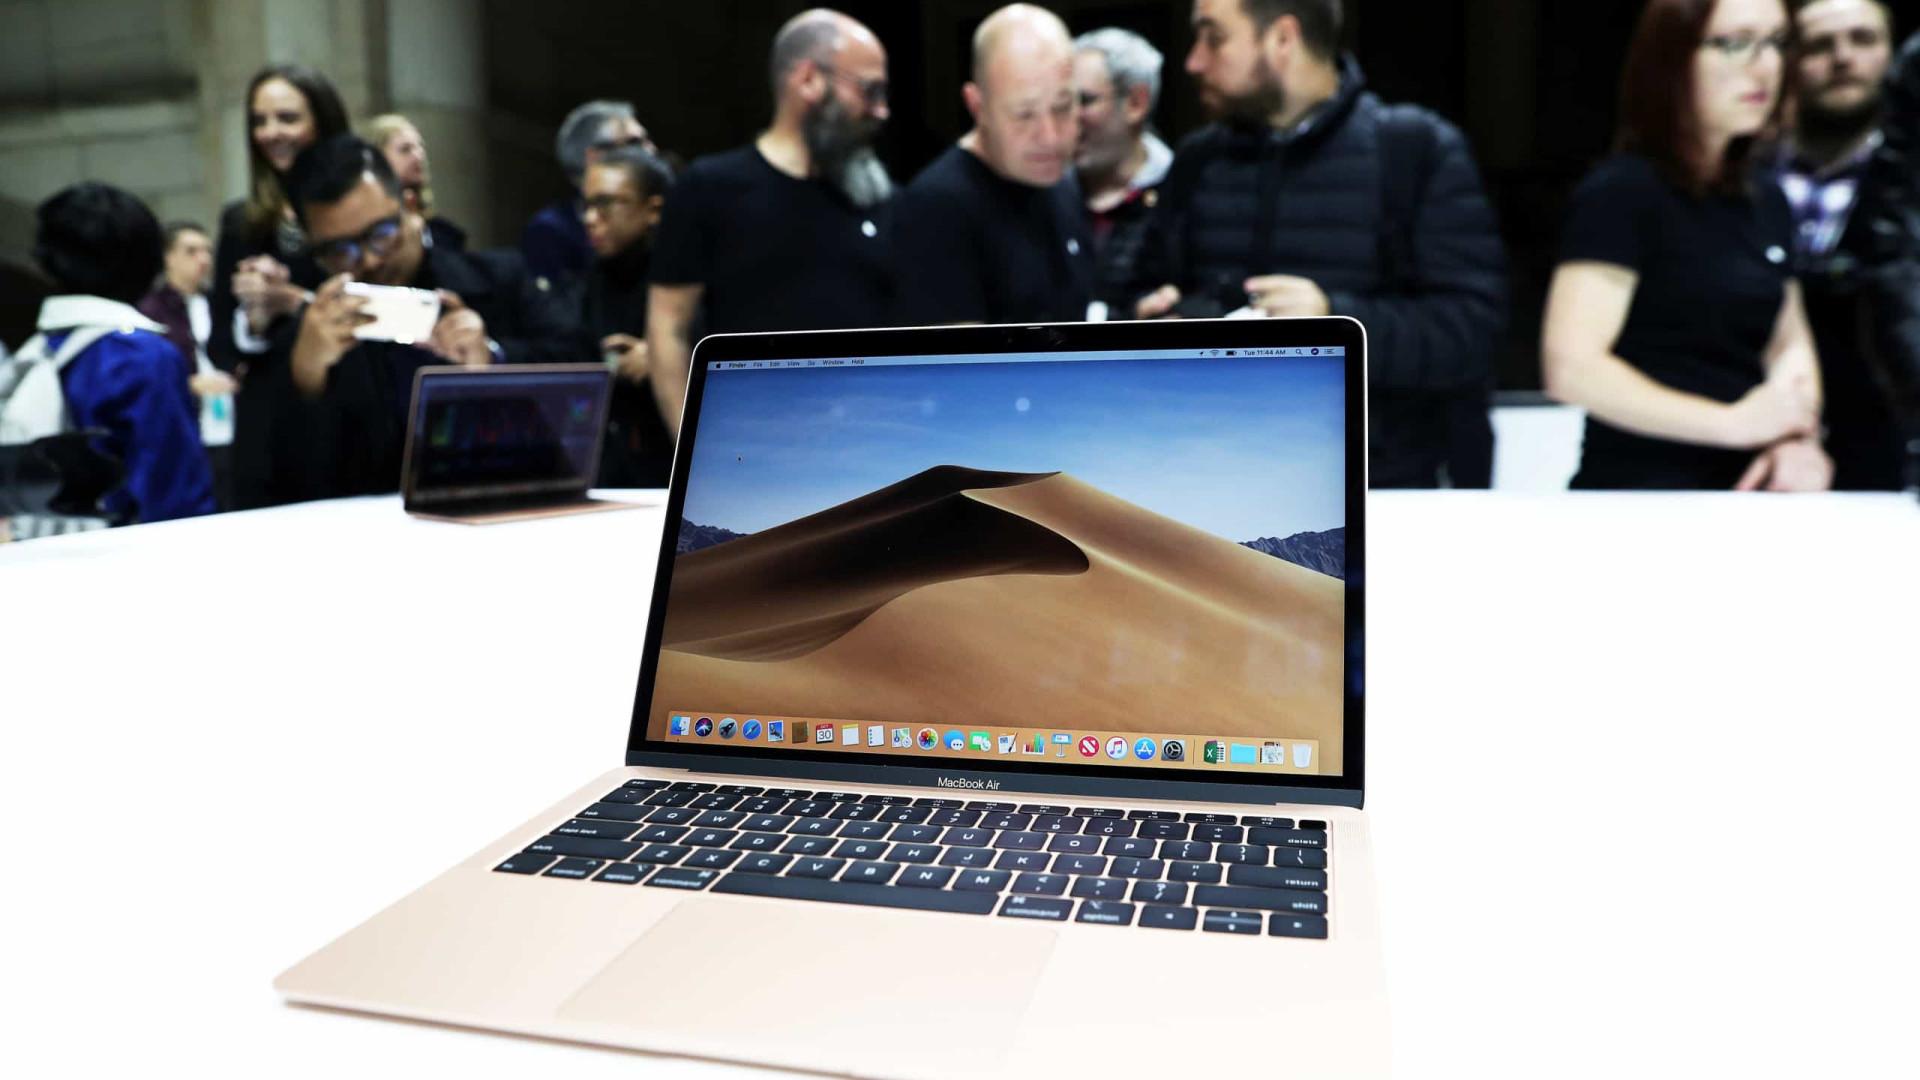 Atualização chega aos Mac na próxima semana?